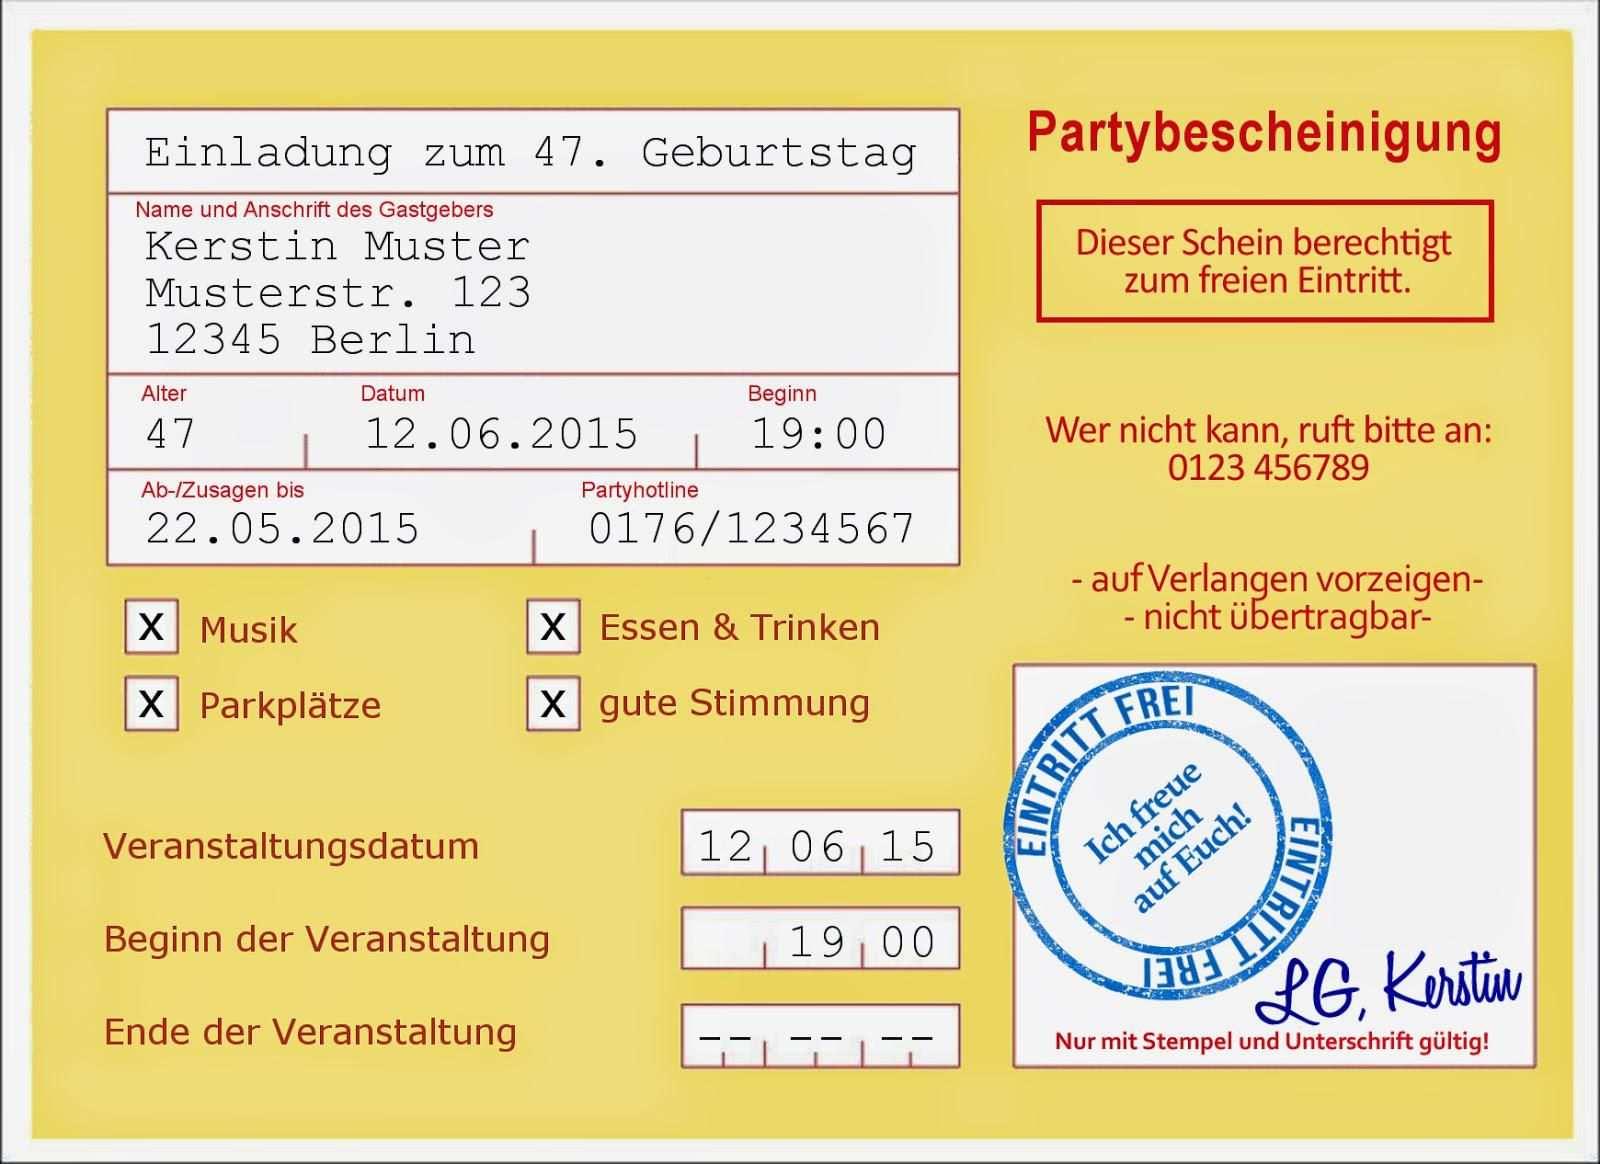 50 Geburtstag Einladung Geburtstag Einladung Vorlage Kostenlos